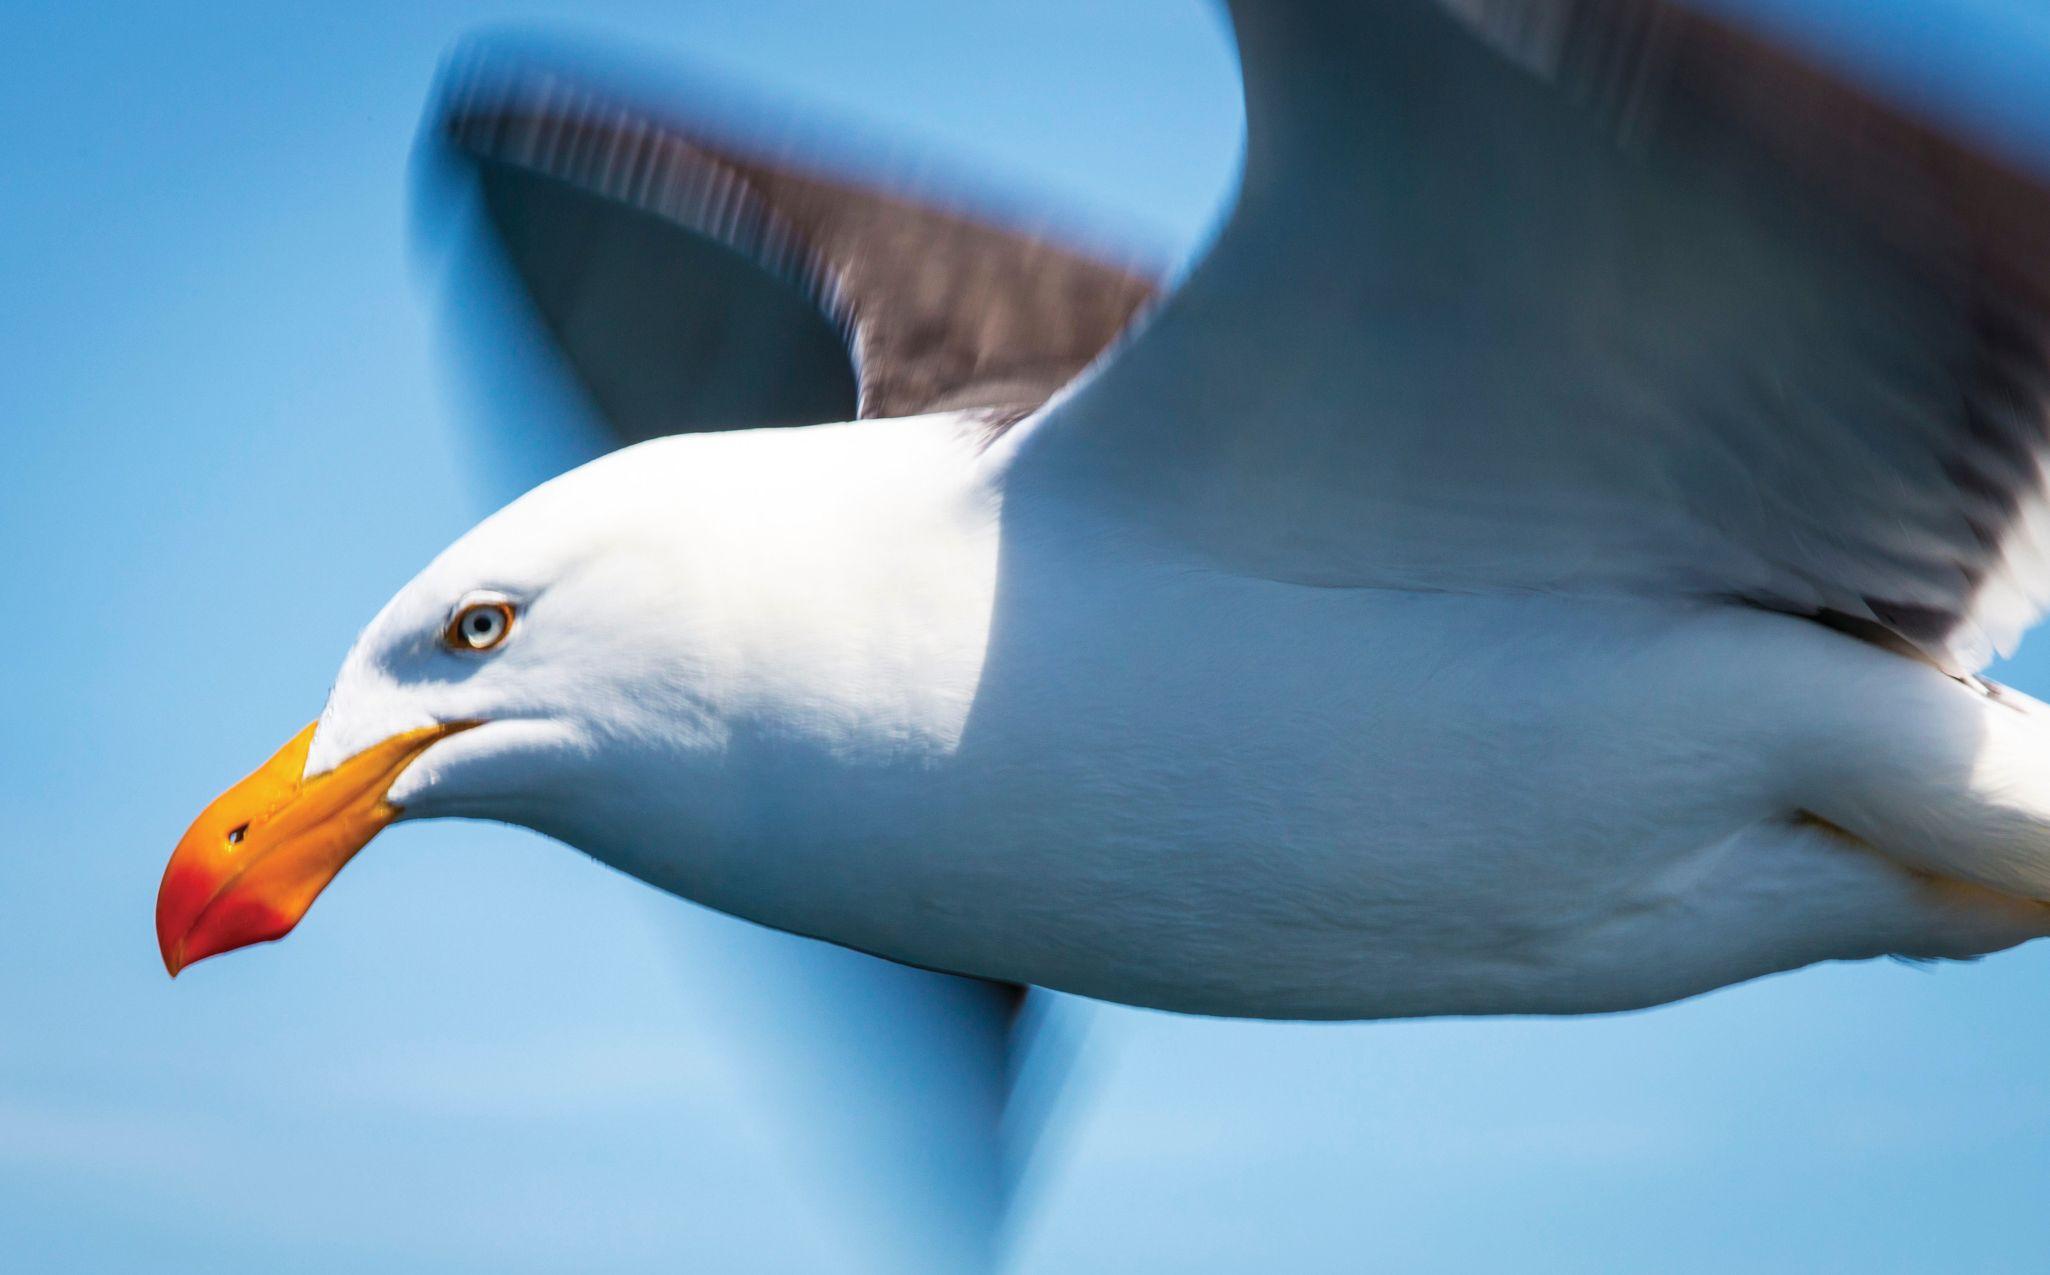 Tasmania Seabird